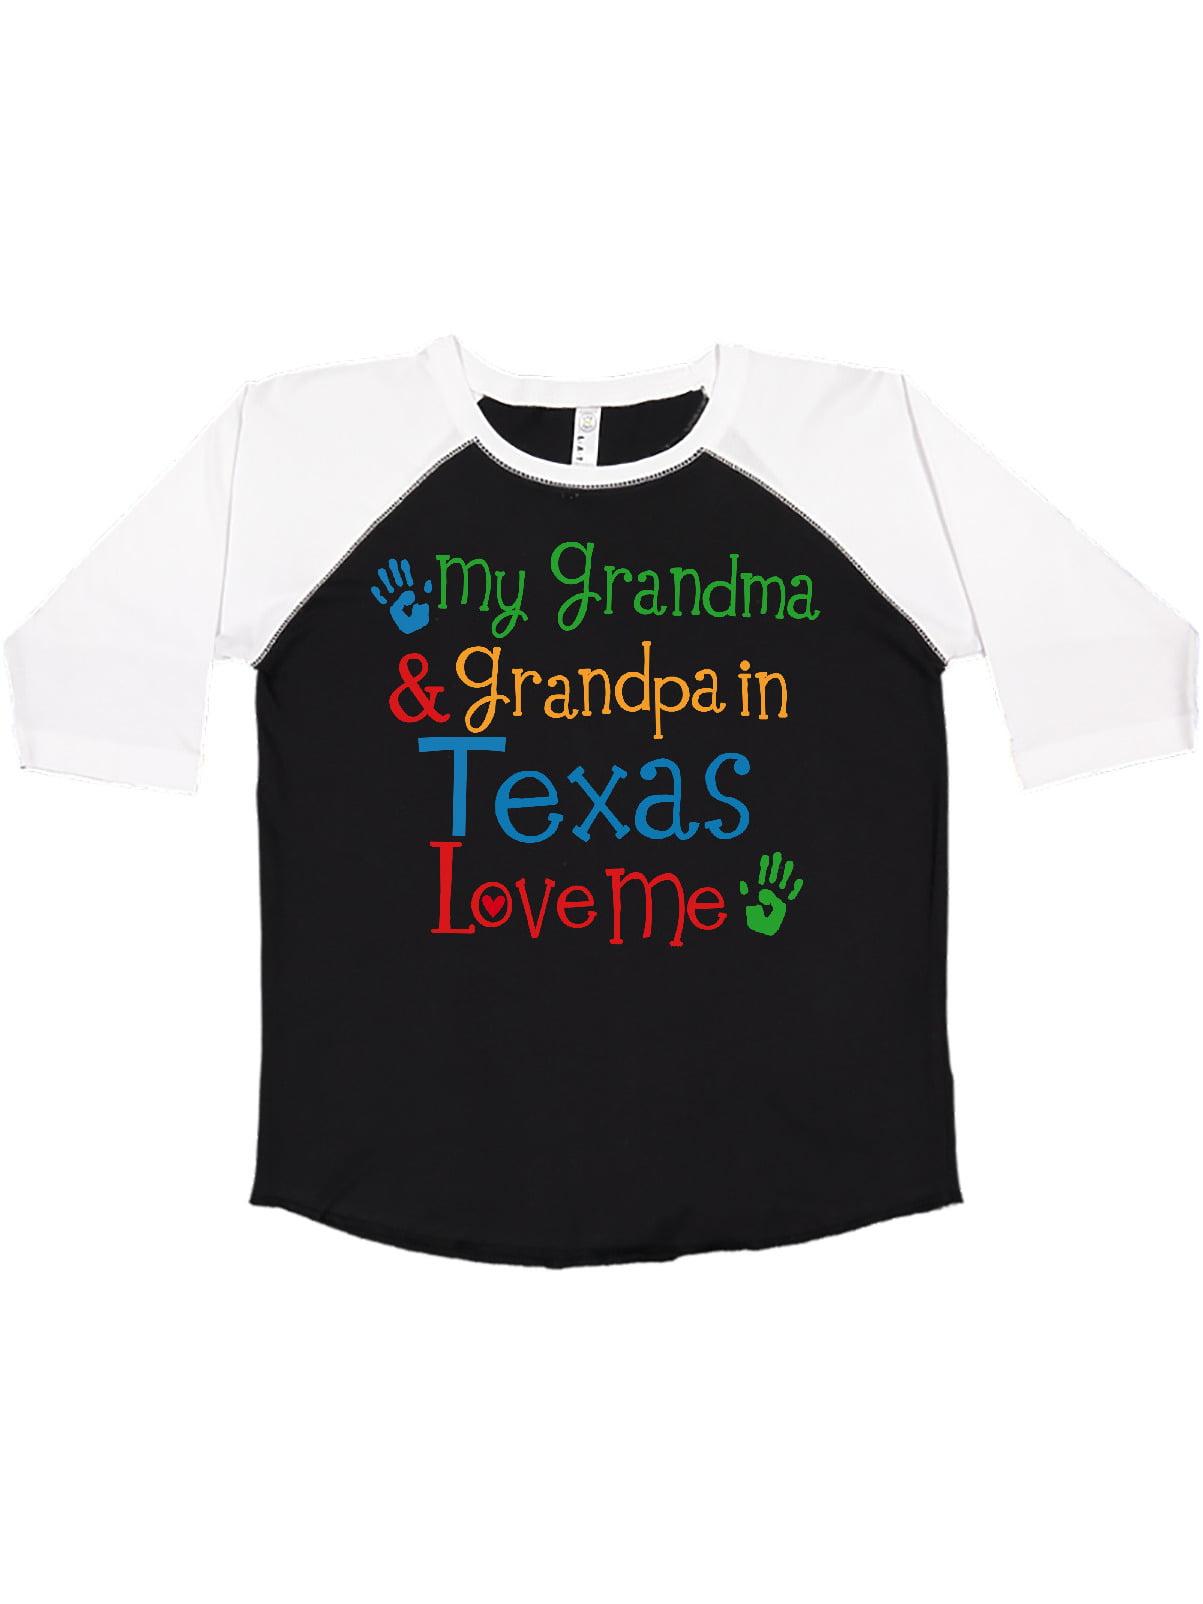 My Grandma in Texas Loves Me Toddler//Kids Sweatshirt